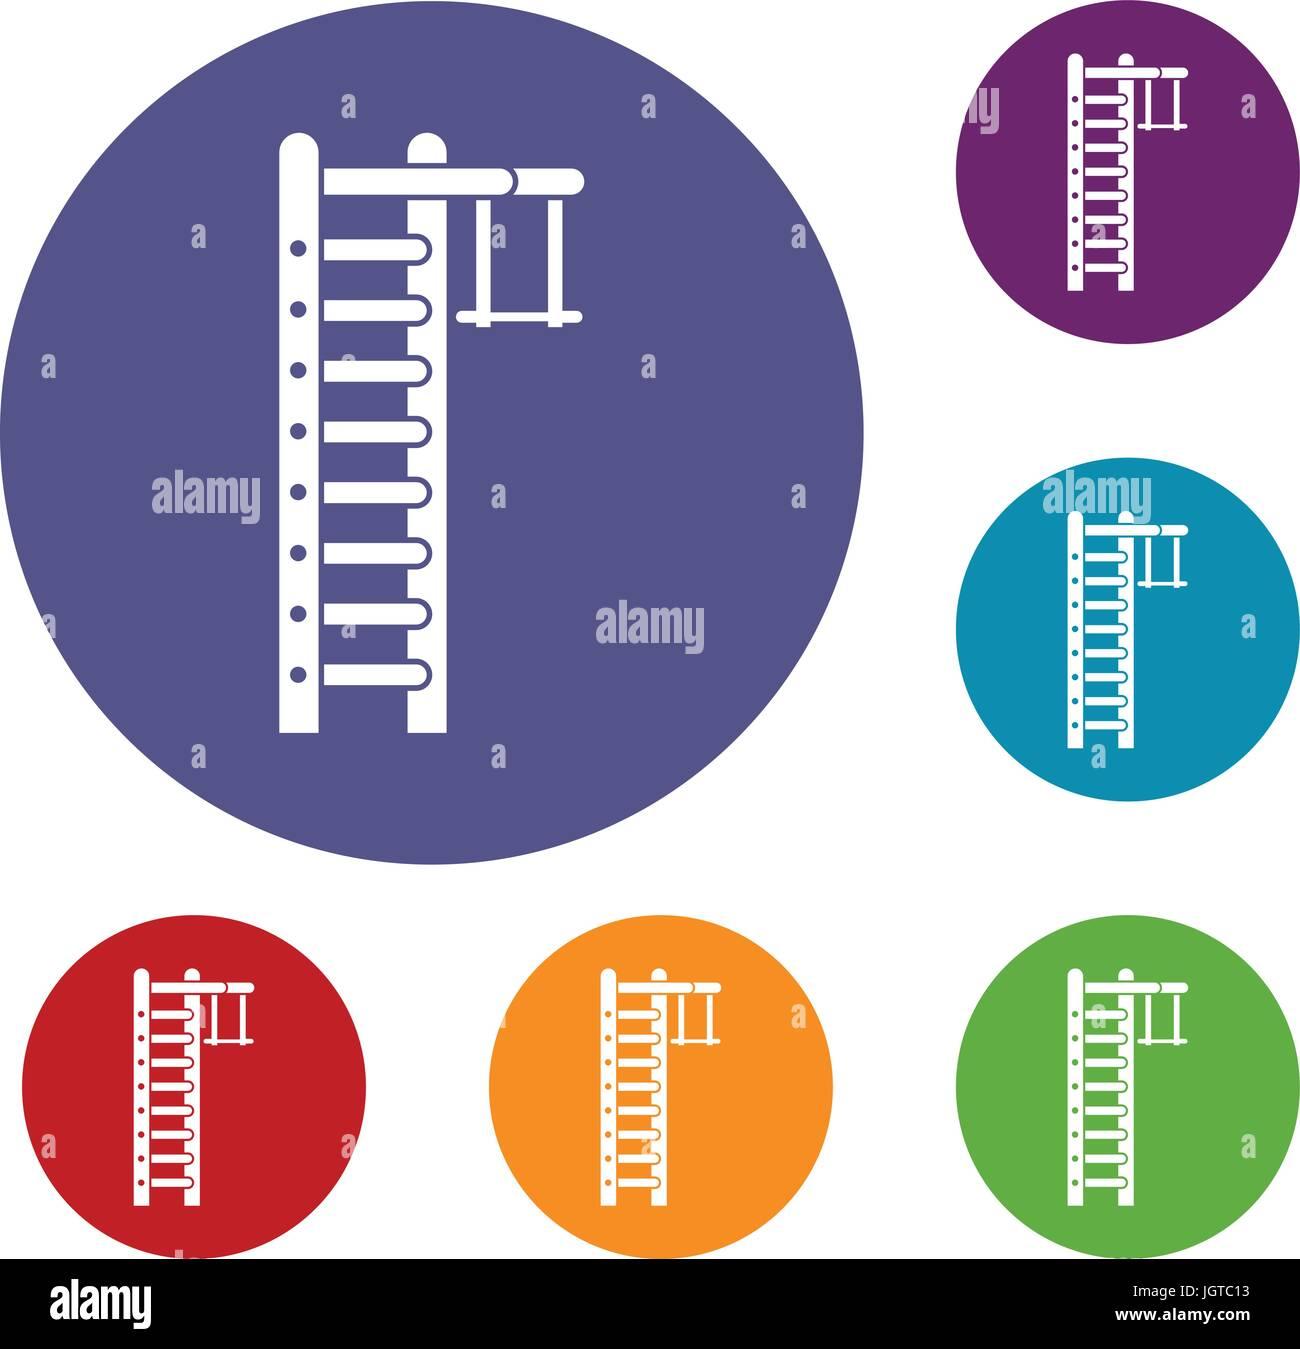 Swedish ladder icons set - Stock Image